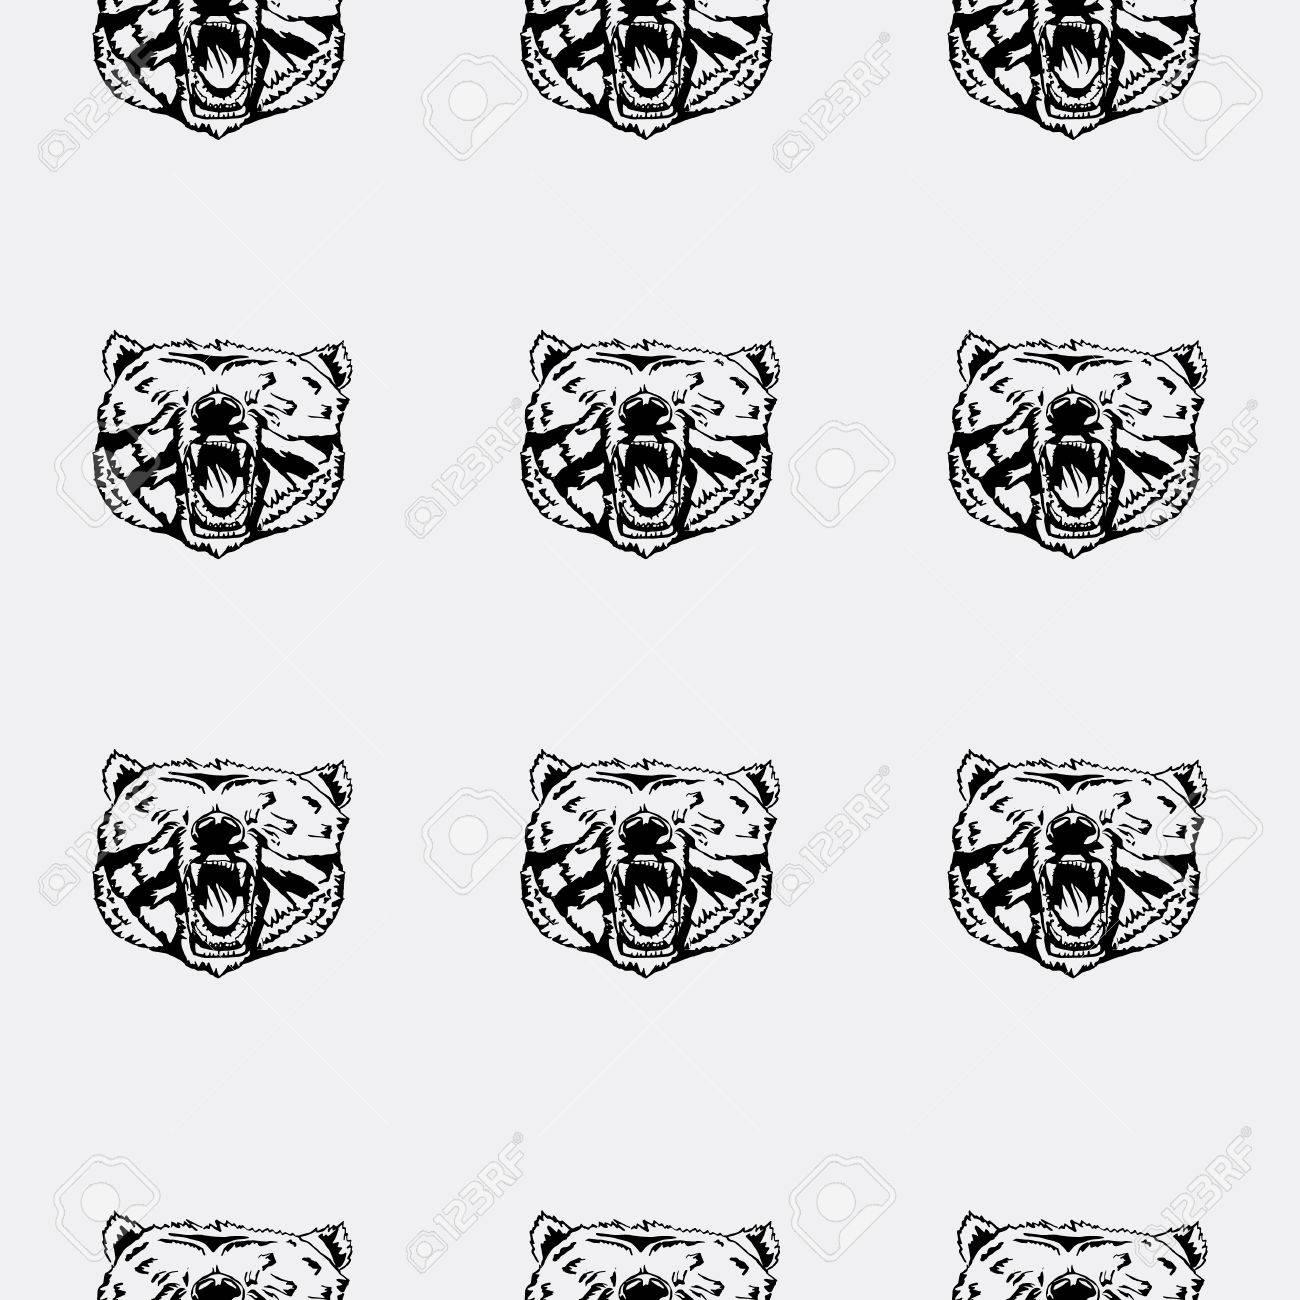 Patrón De La Cabeza De Oso, ícono. Repetidas, Sin Costura, Dibujado ...